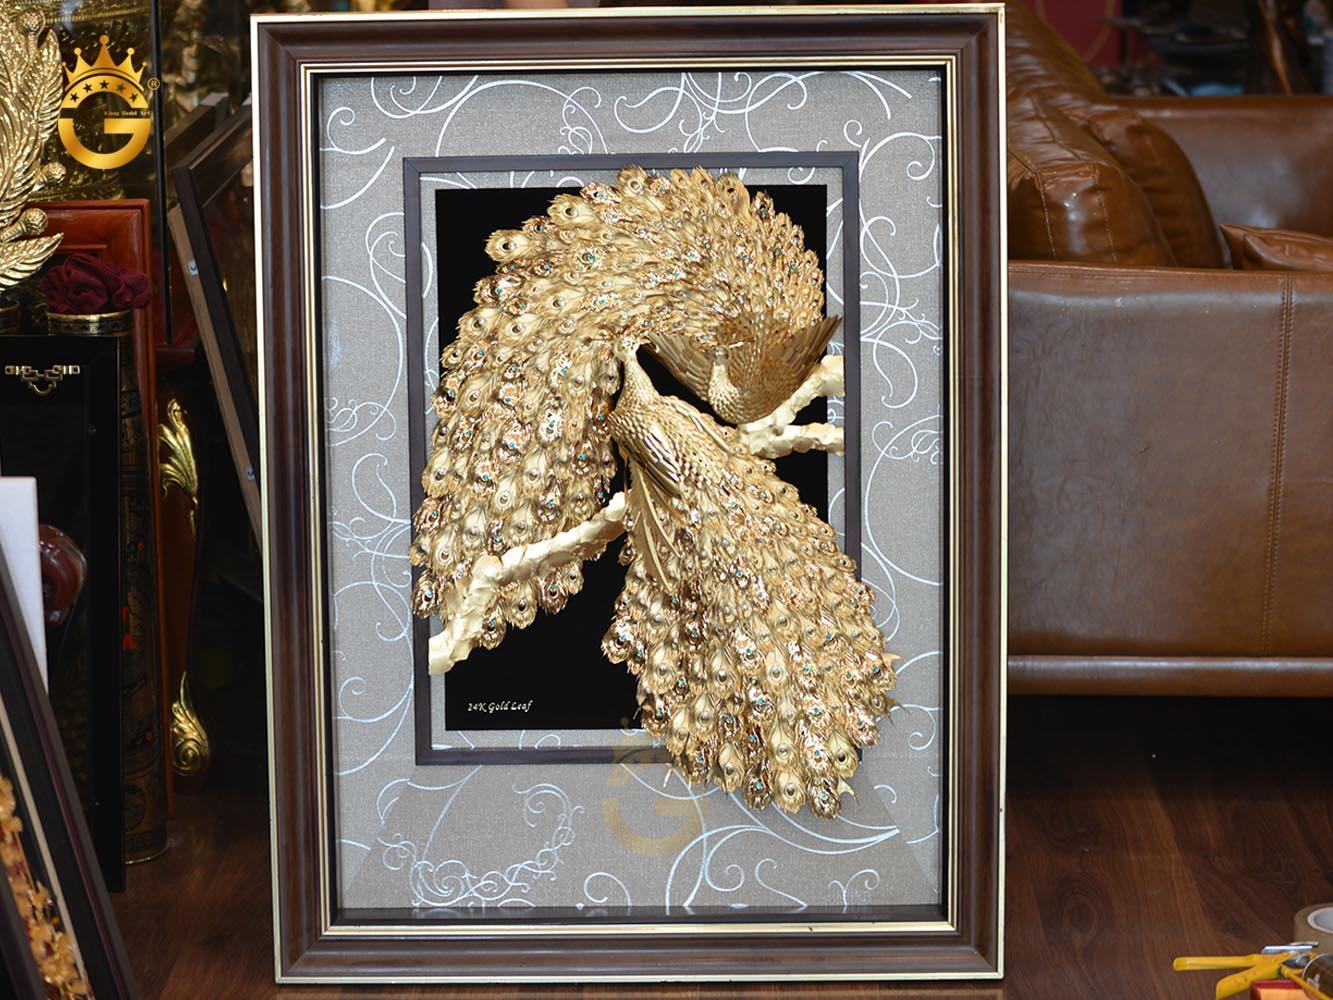 Tranh đôi chim công phú quý cát tường bằng vàng lá 24k đẹp tĩnh xảo